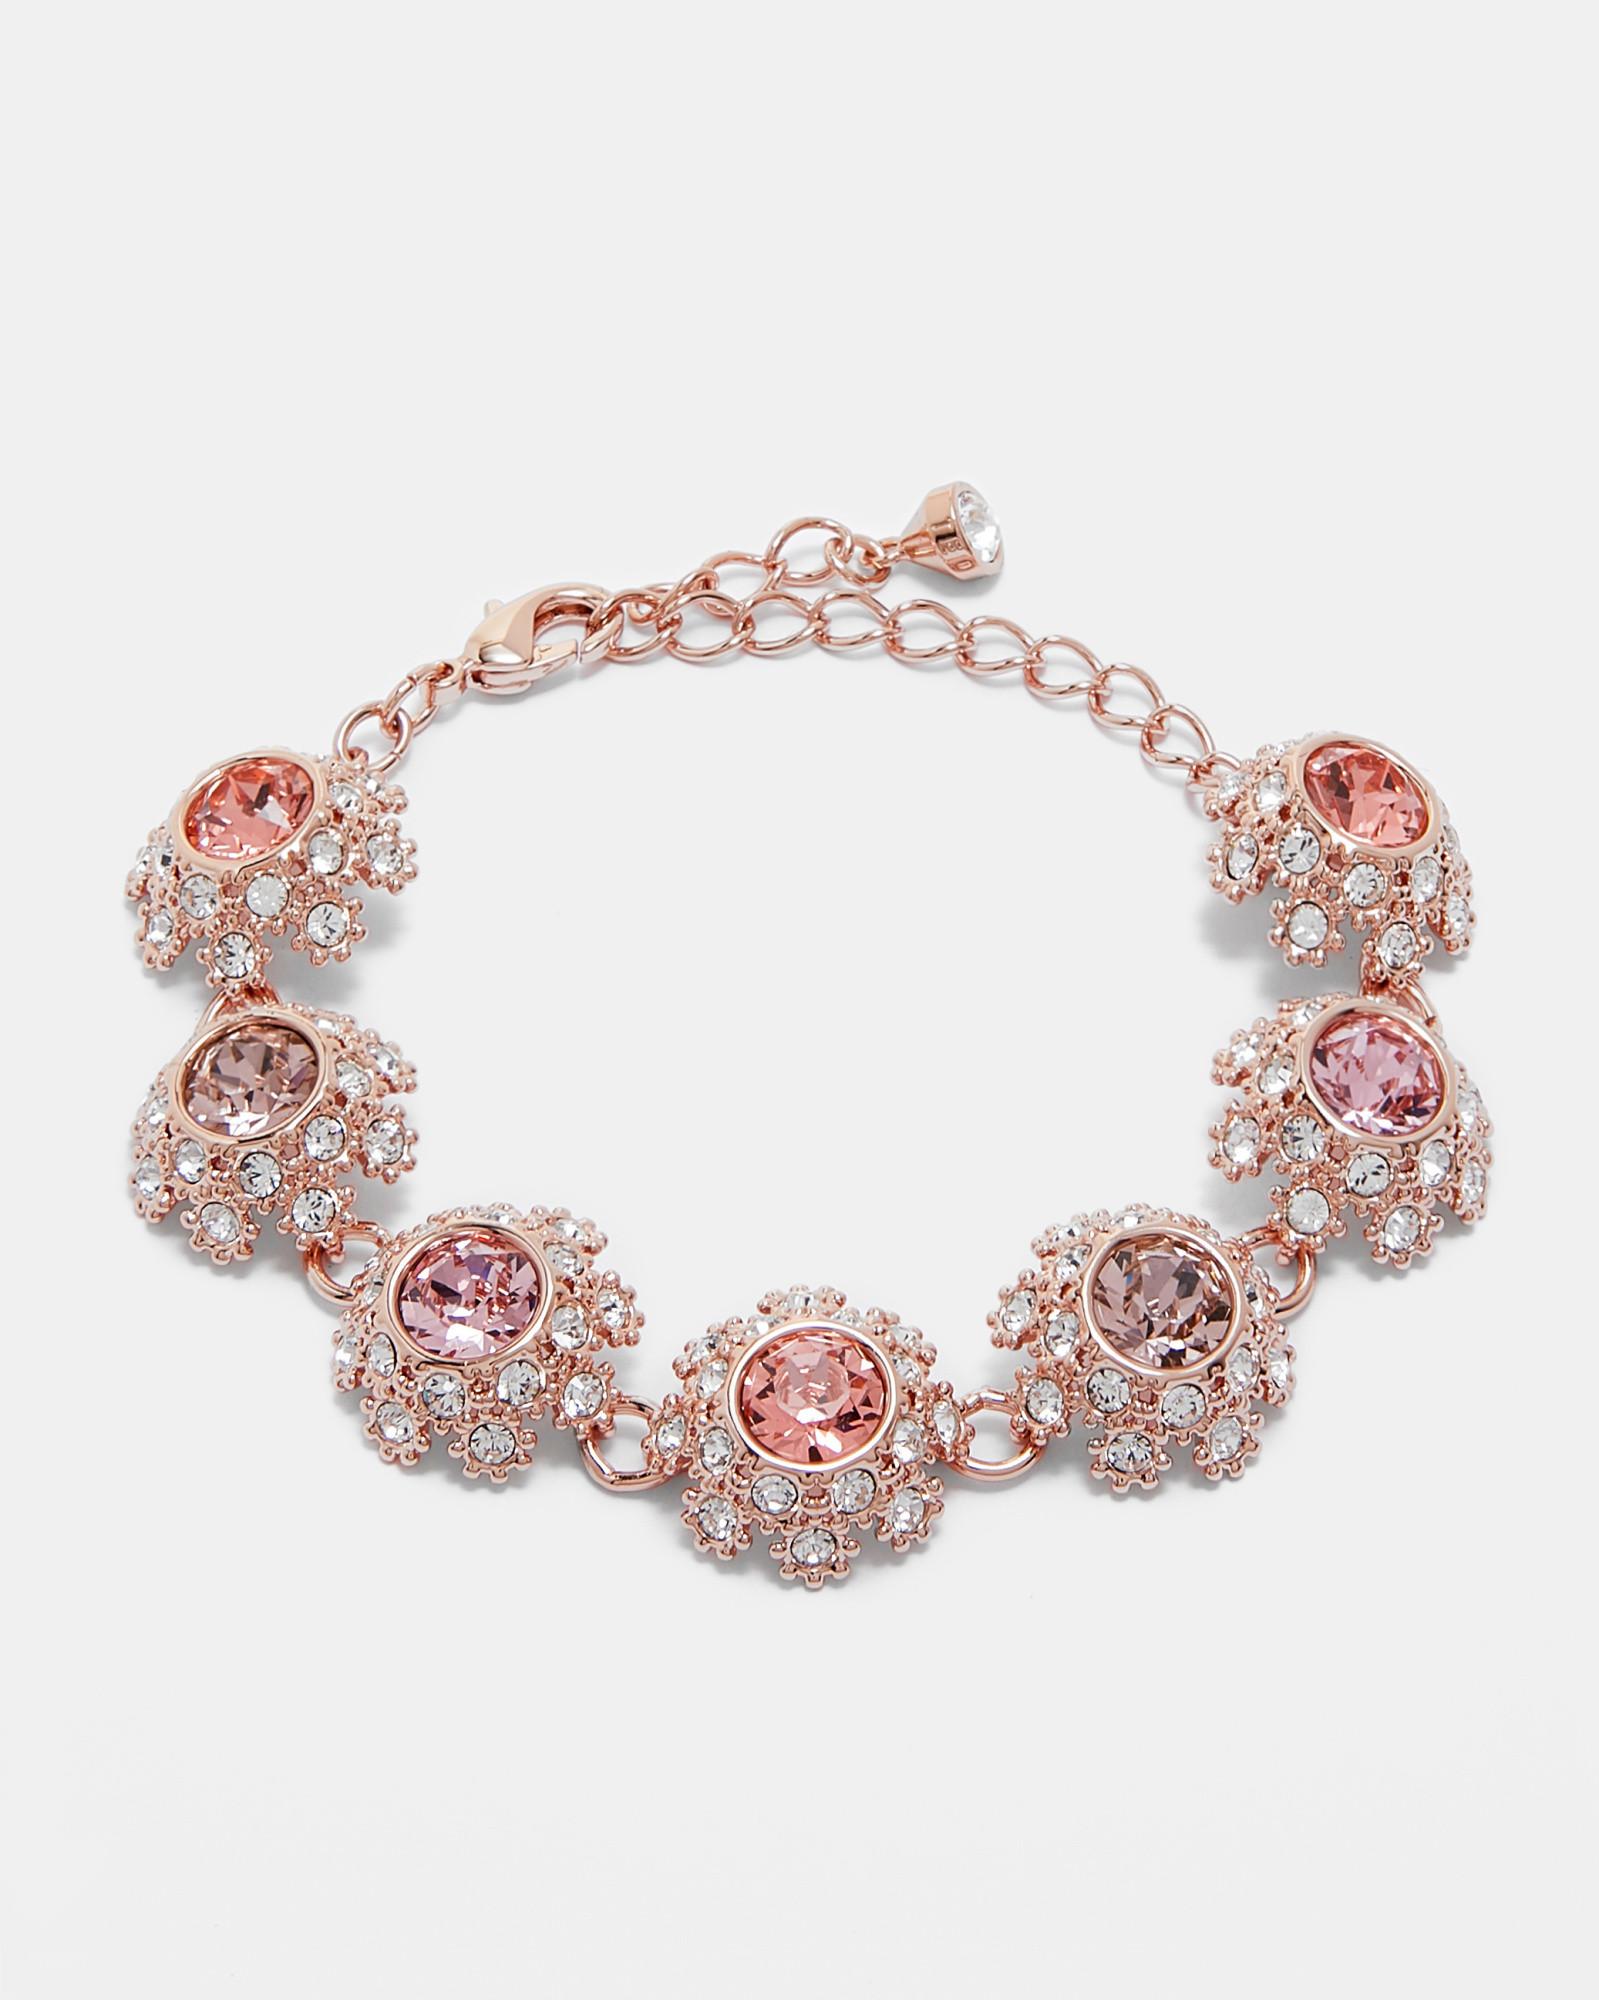 4d7659f17 Ted Baker Swarovski® daisy lace bracelet Pink